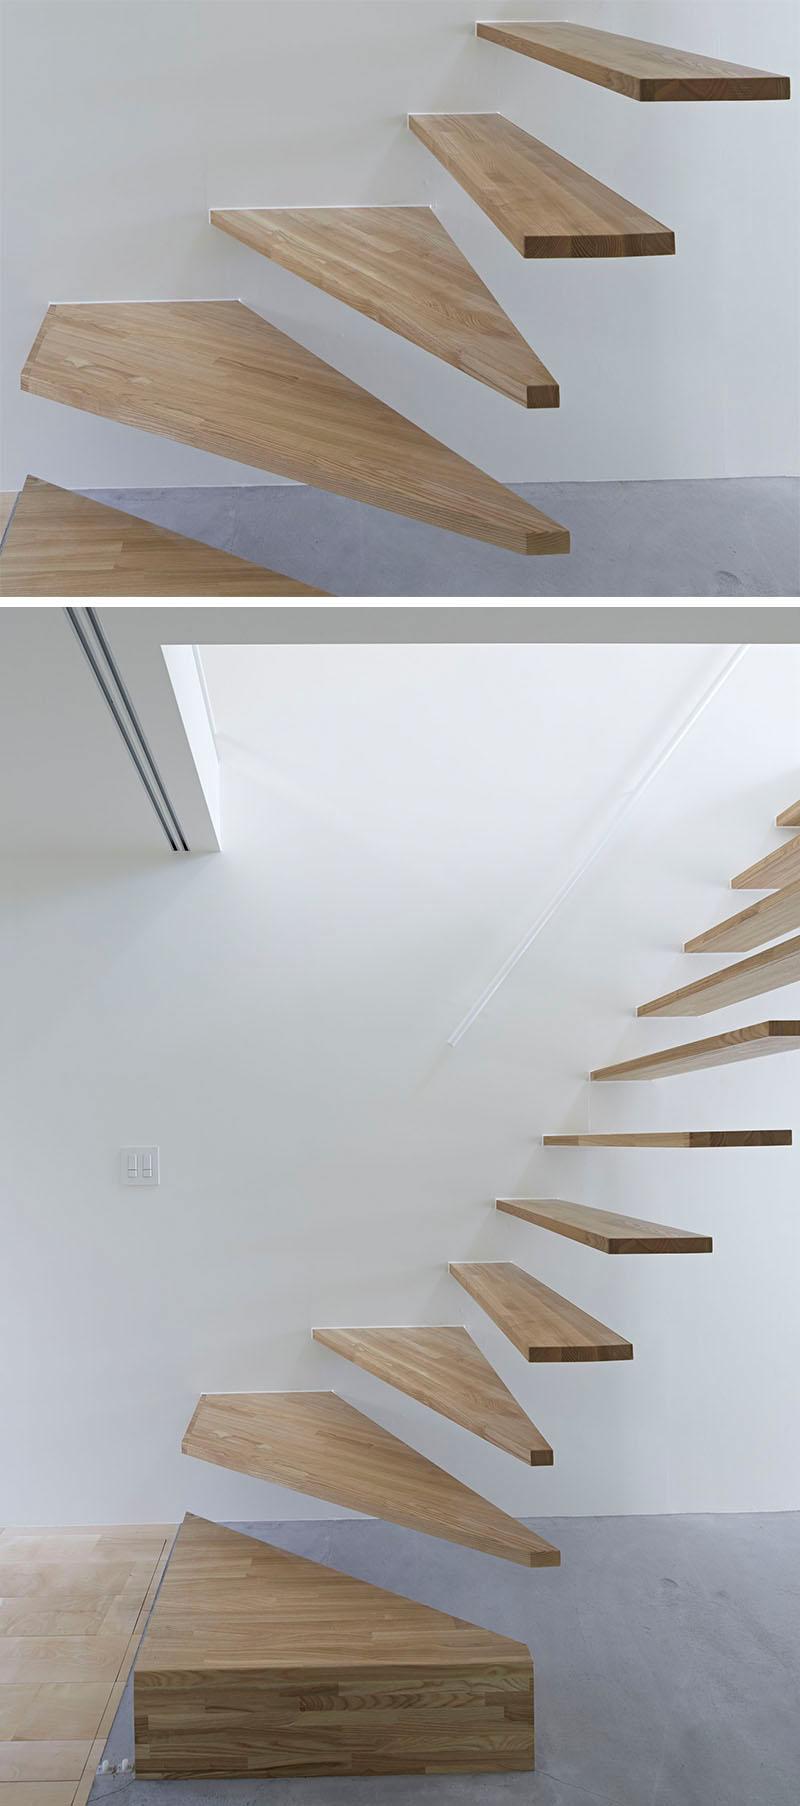 stair-details_040716_18.jpg